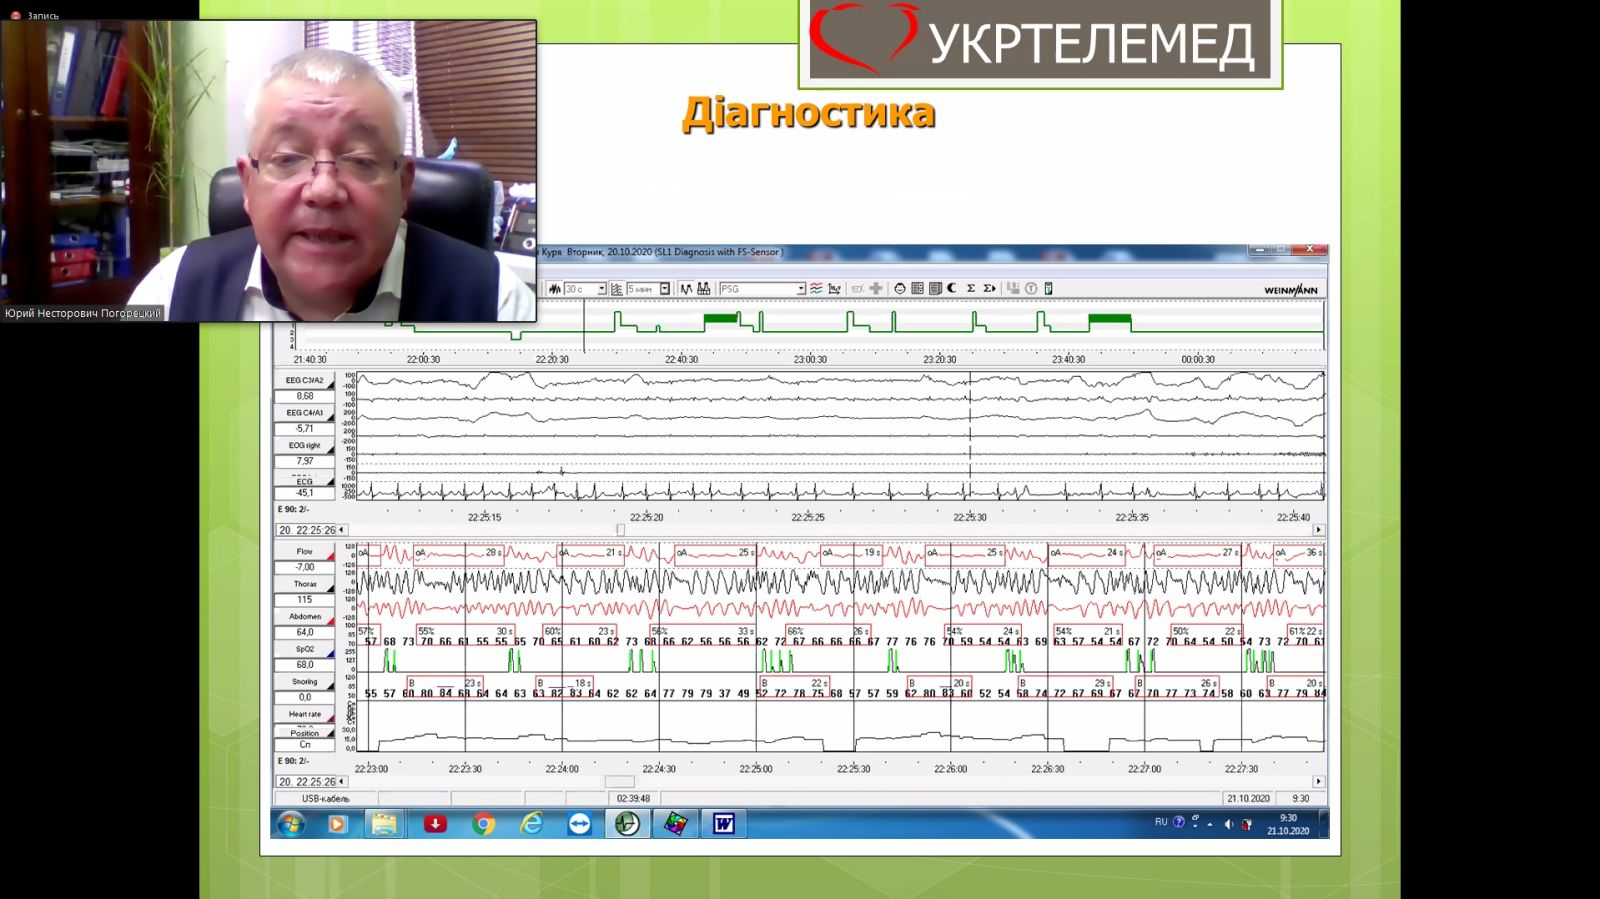 Онлайн навчання: лікар-сомнолог Погорецький Юрій Несторович проводить онлайн-лекцію по діагностиці храпу та апное, інших порушень дихання